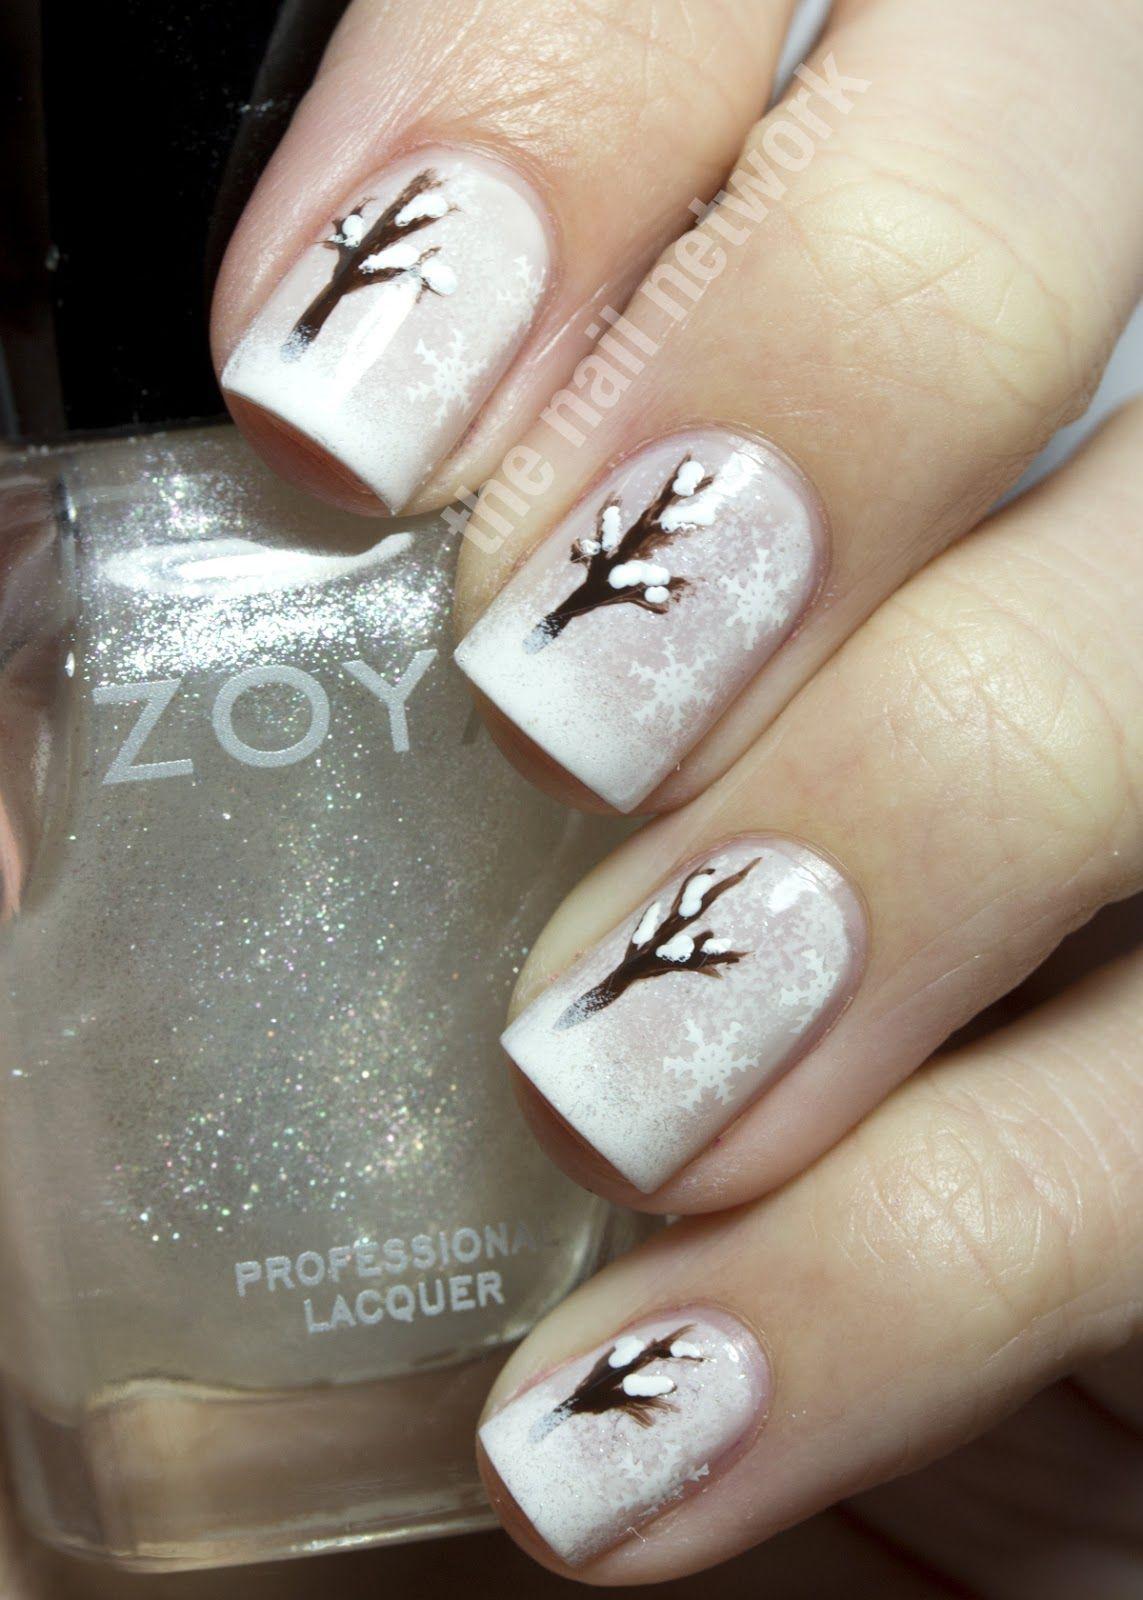 The Nail Network: Snowy Winter Tree Nail Art | Nails, nails, nails ...